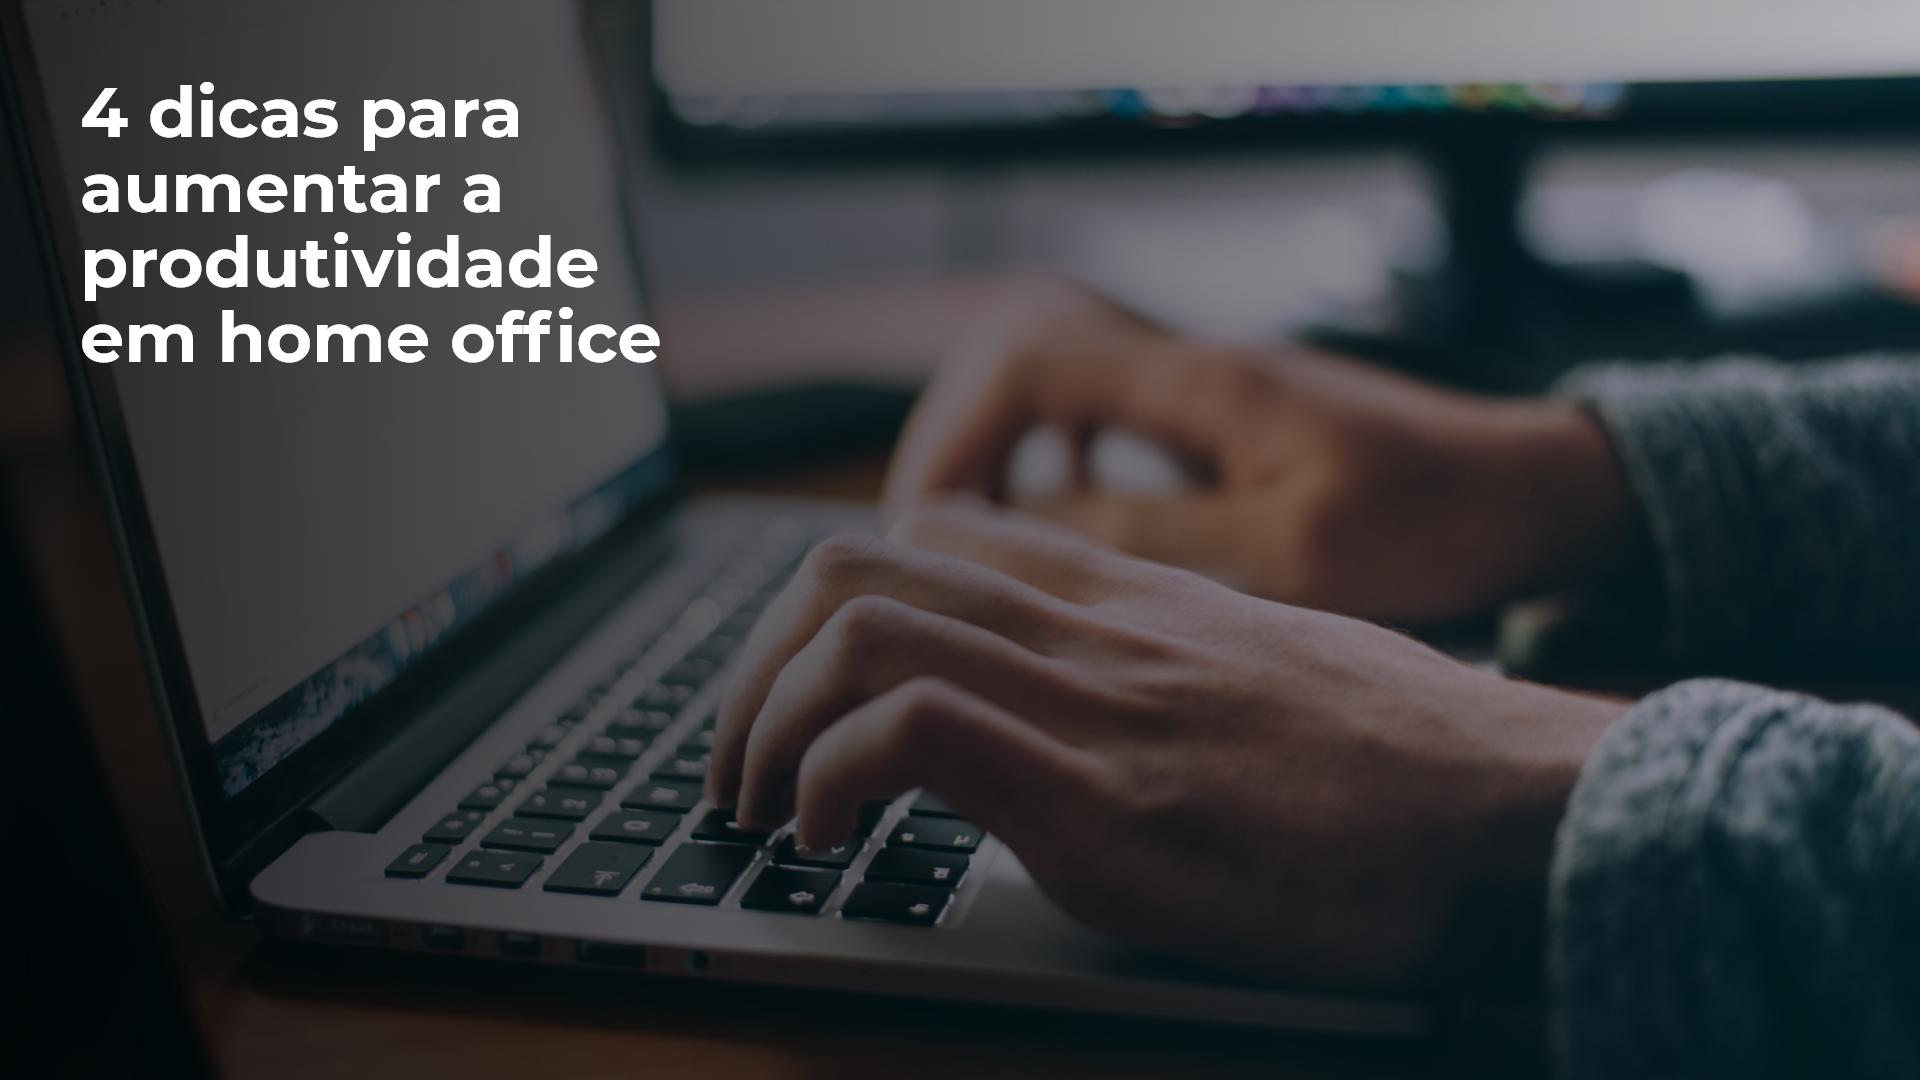 4 dicas para aumentar a produtividade em home office